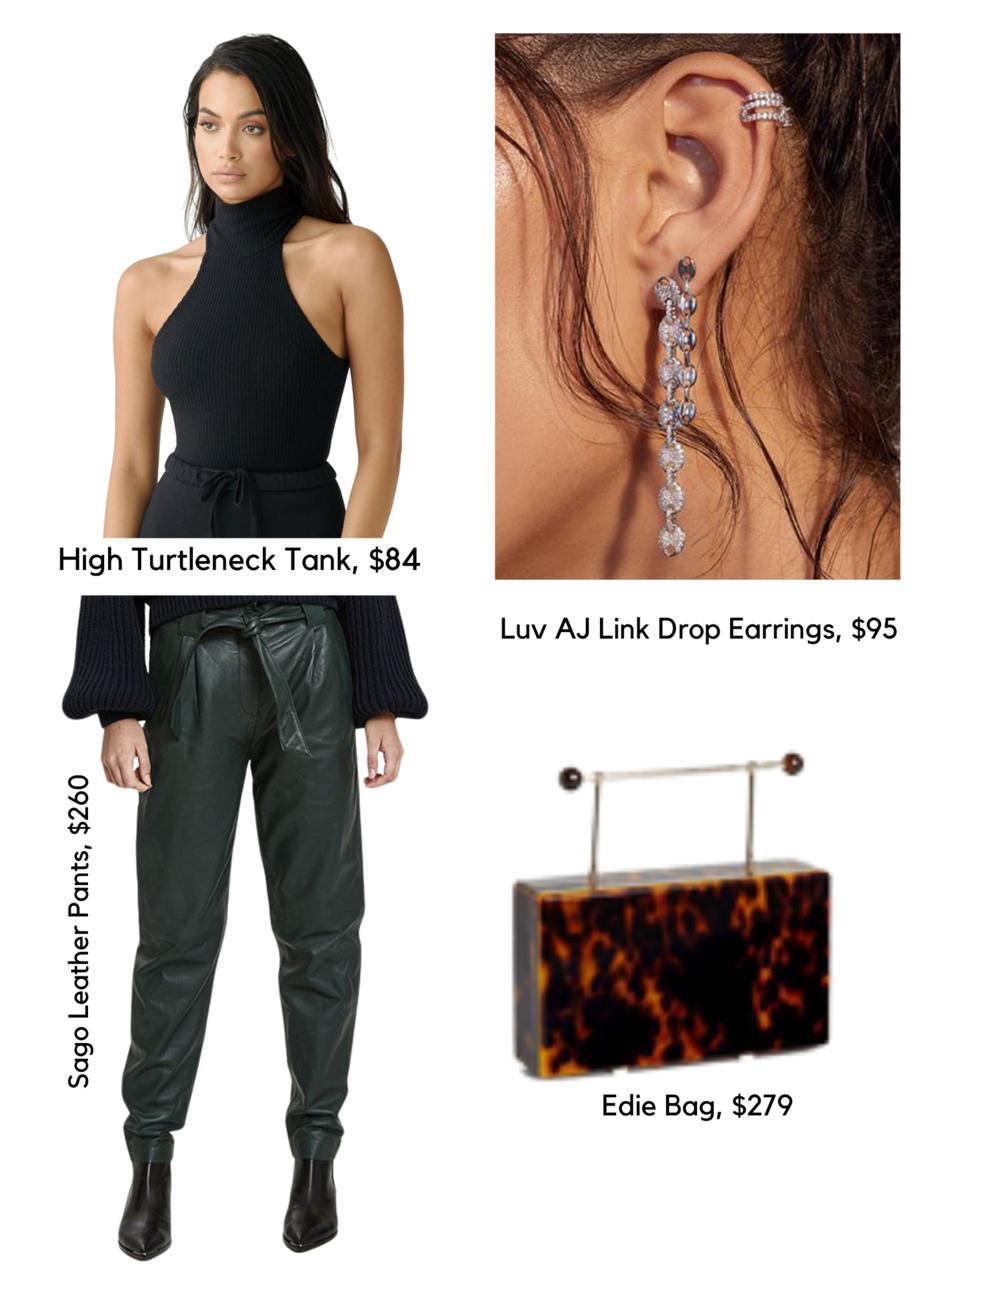 SHOP THE LOOK:   High Turtleneck Tank, $84  /  Luv AJ Link Drop Earrings, $95  /  Sago Leather Pants $260  /  Edie Bag, $279